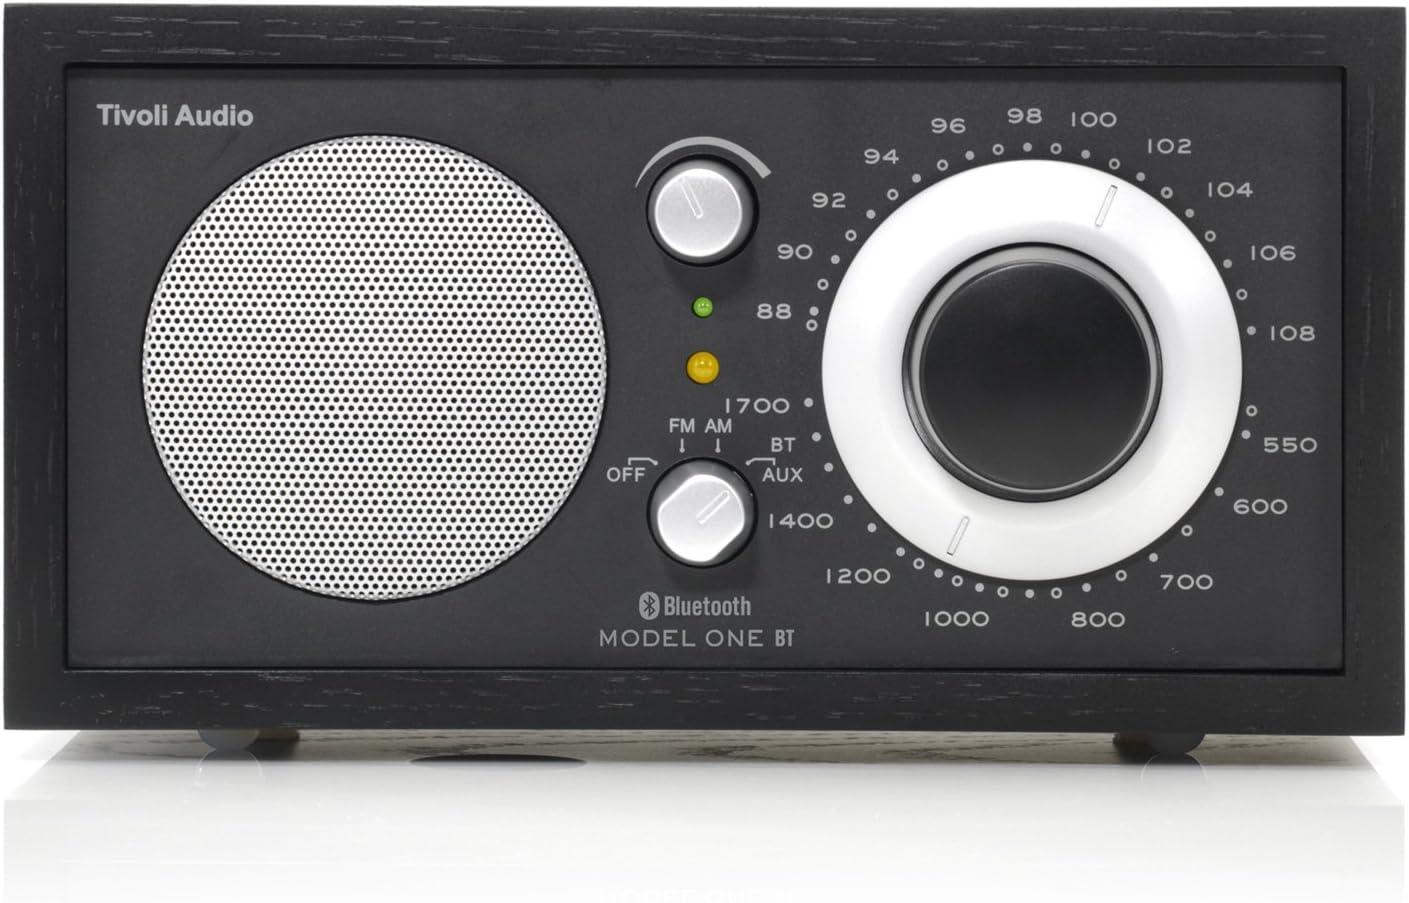 Tivoli Model One Bluetooth Ukw Mw Radio In Schwarz Schwarz Silber Heimkino Tv Video